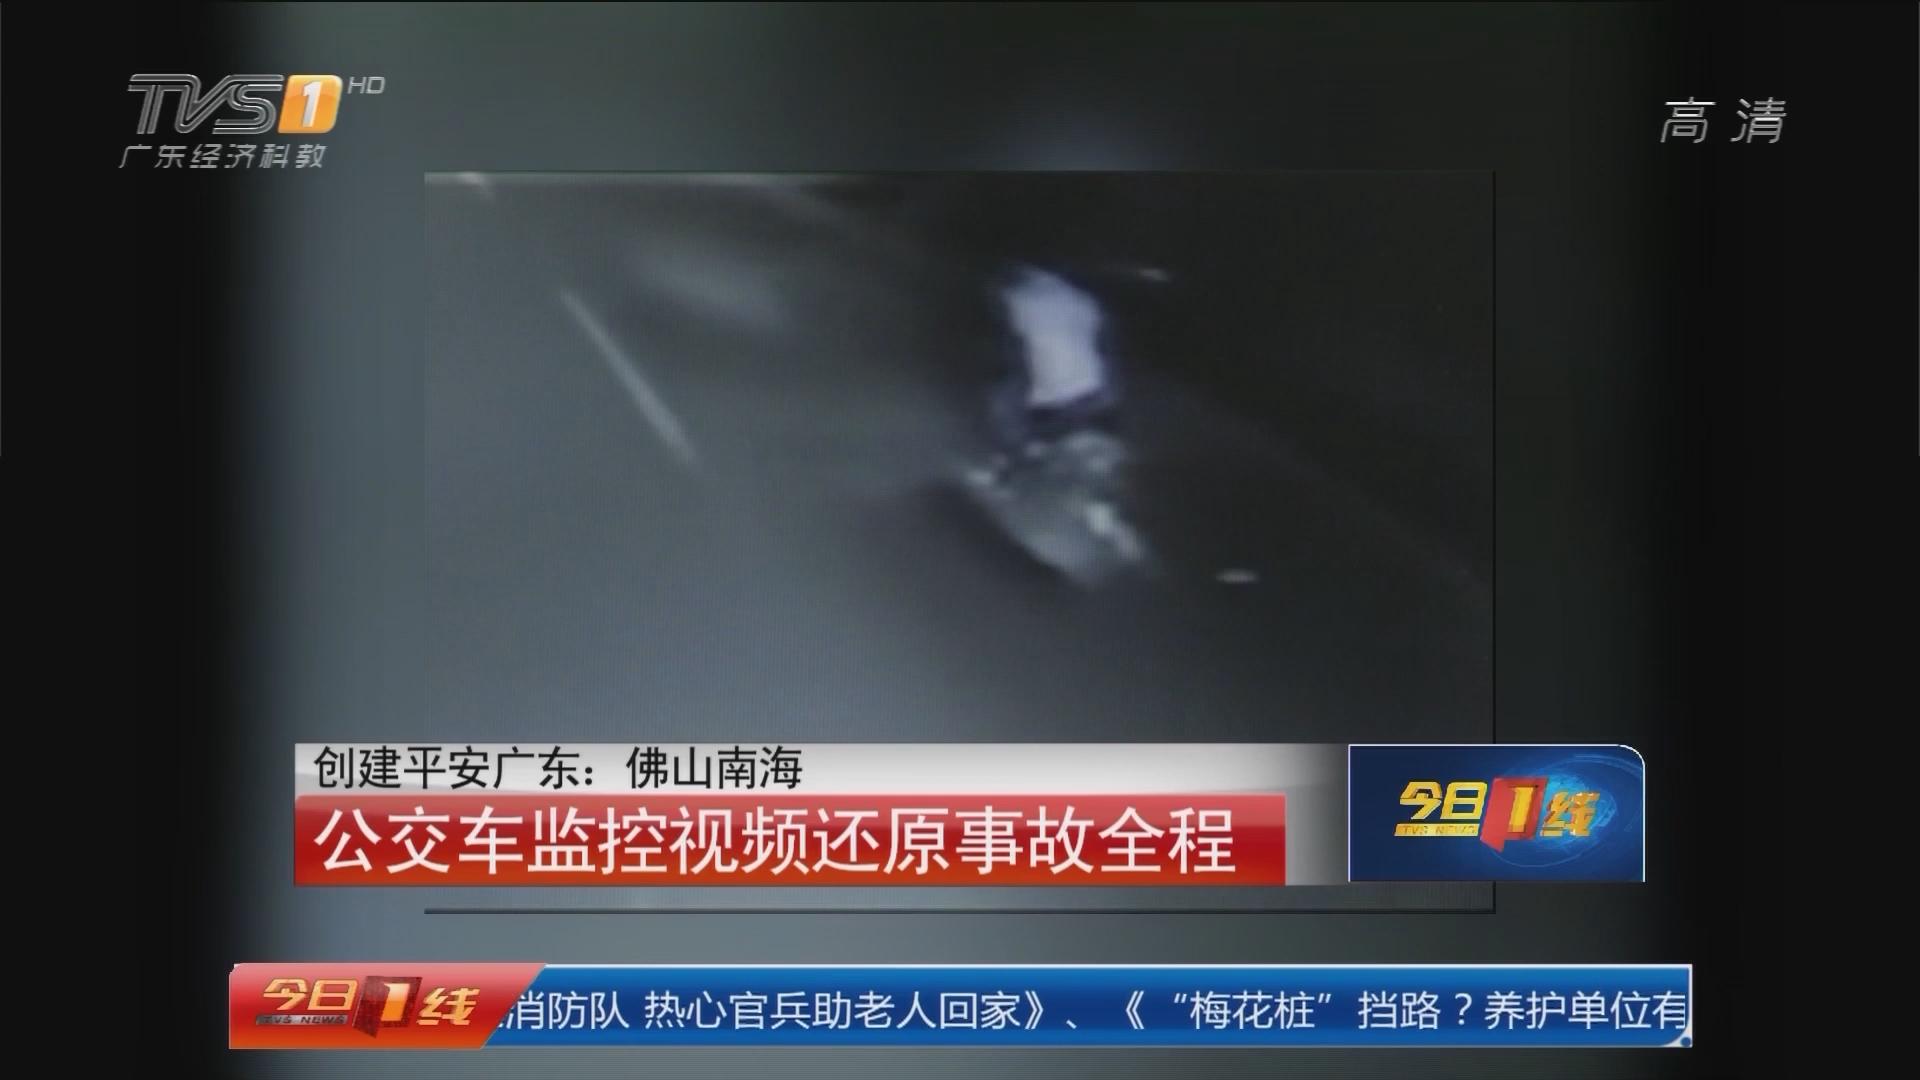 创建平安广东:佛山南海 男子车祸 热心街坊相助救人